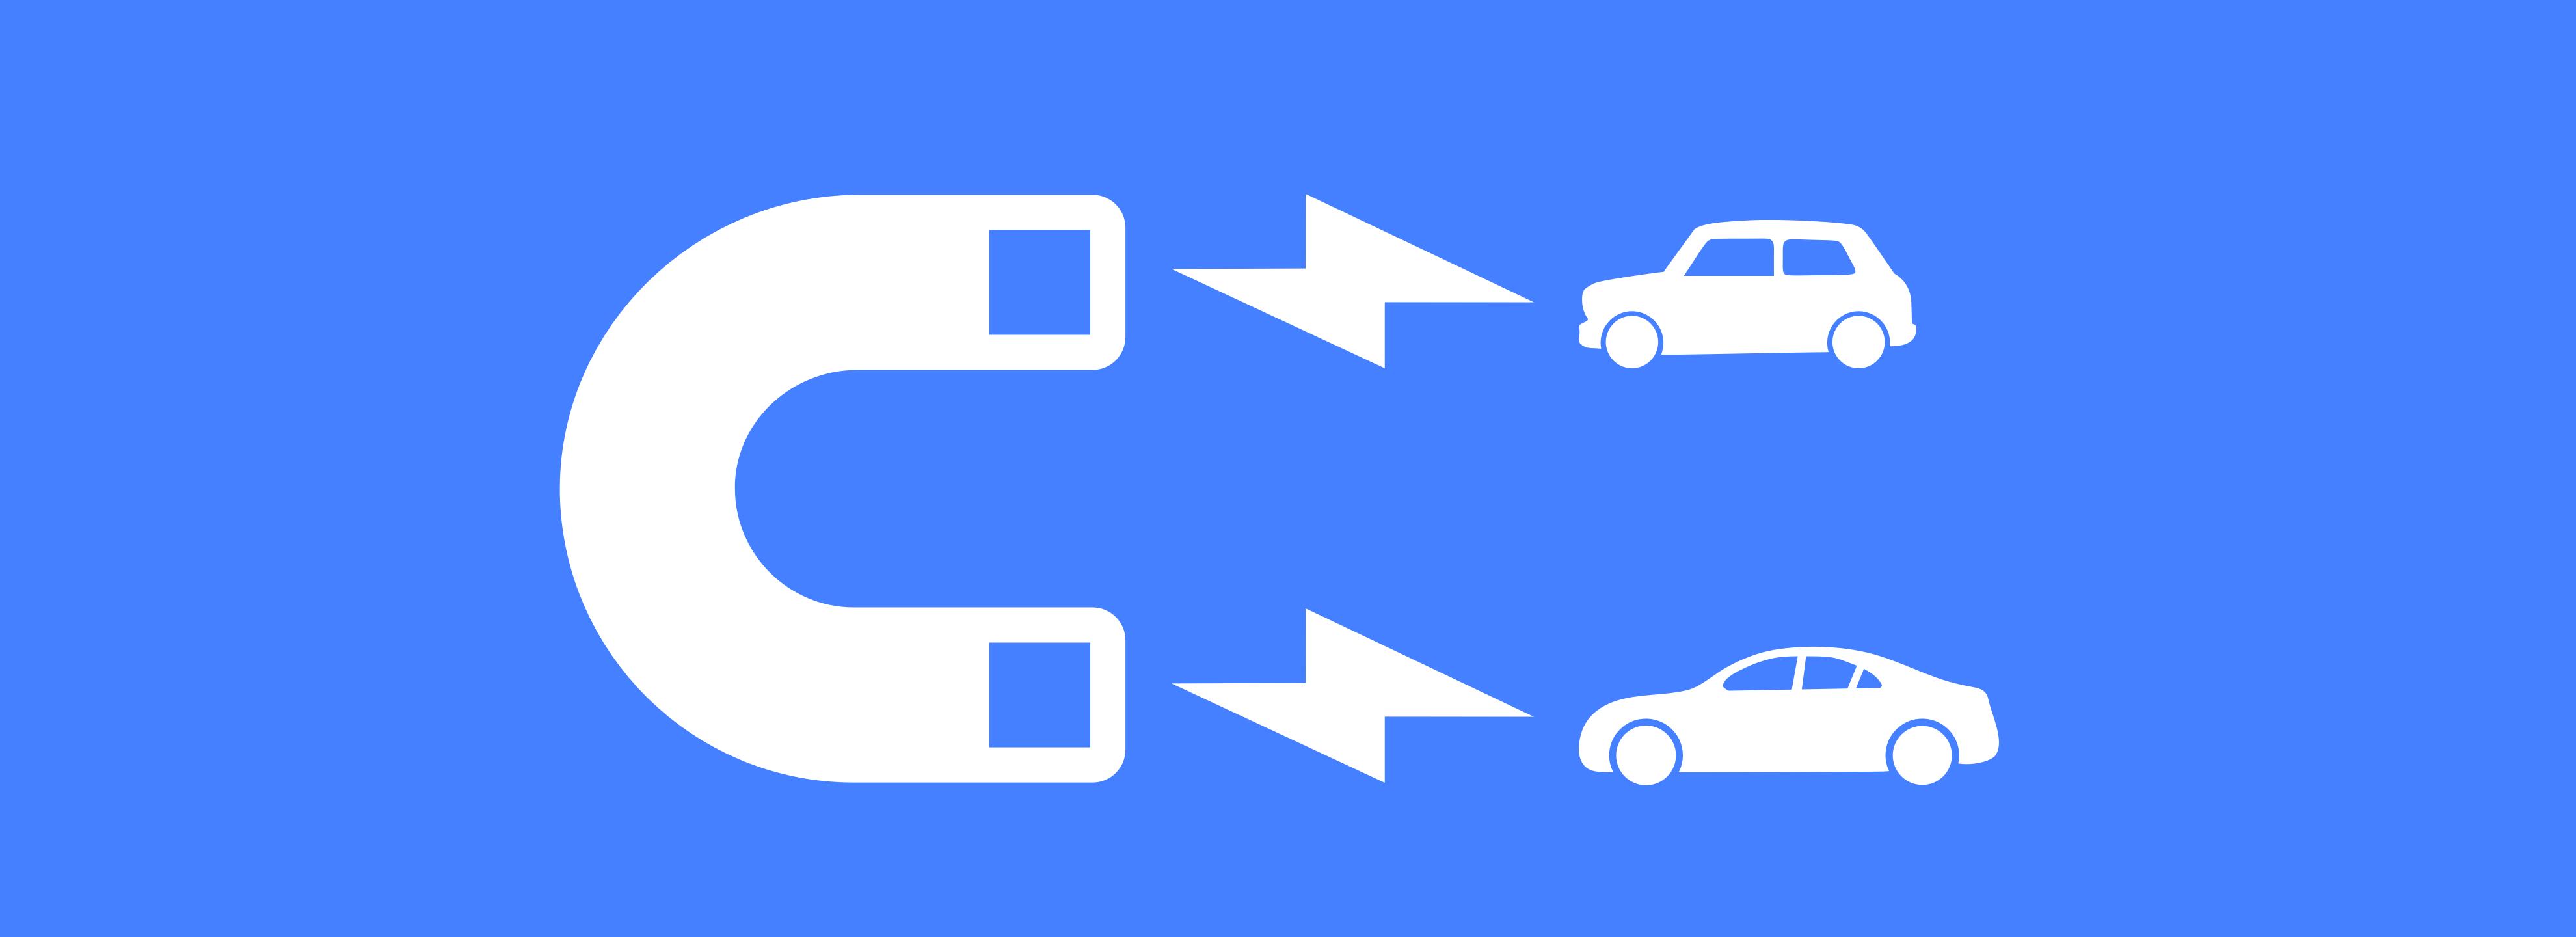 Создание приложений для такси и каршеринга, фотография 1